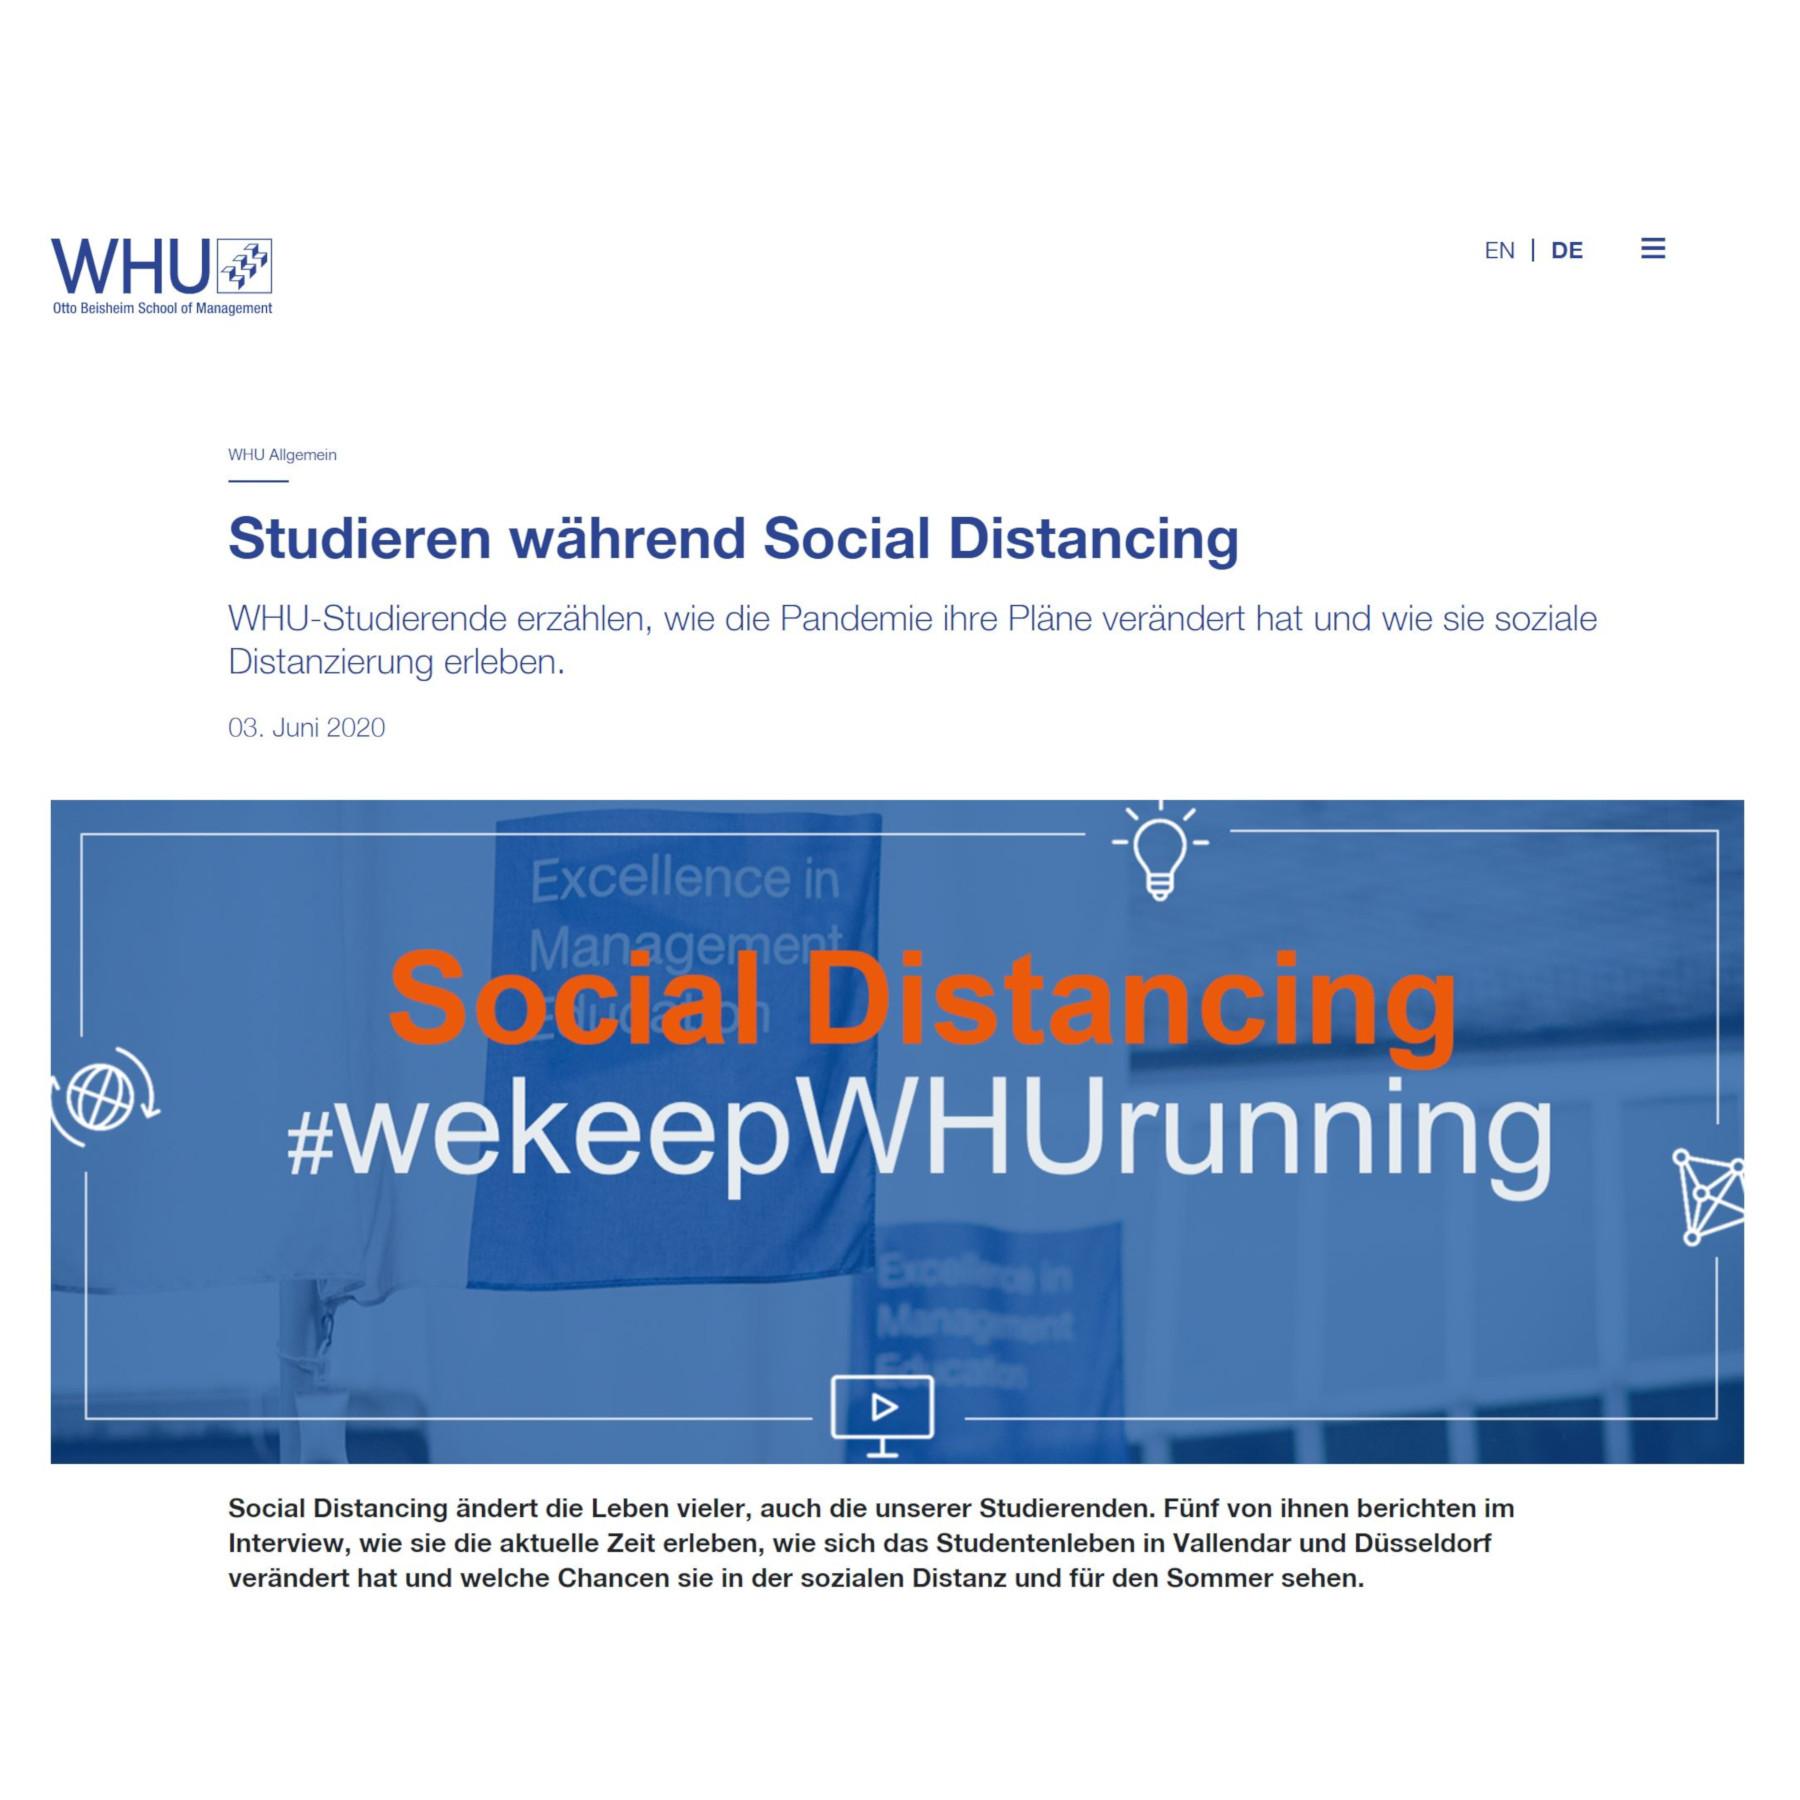 Studieren während Social Distancing